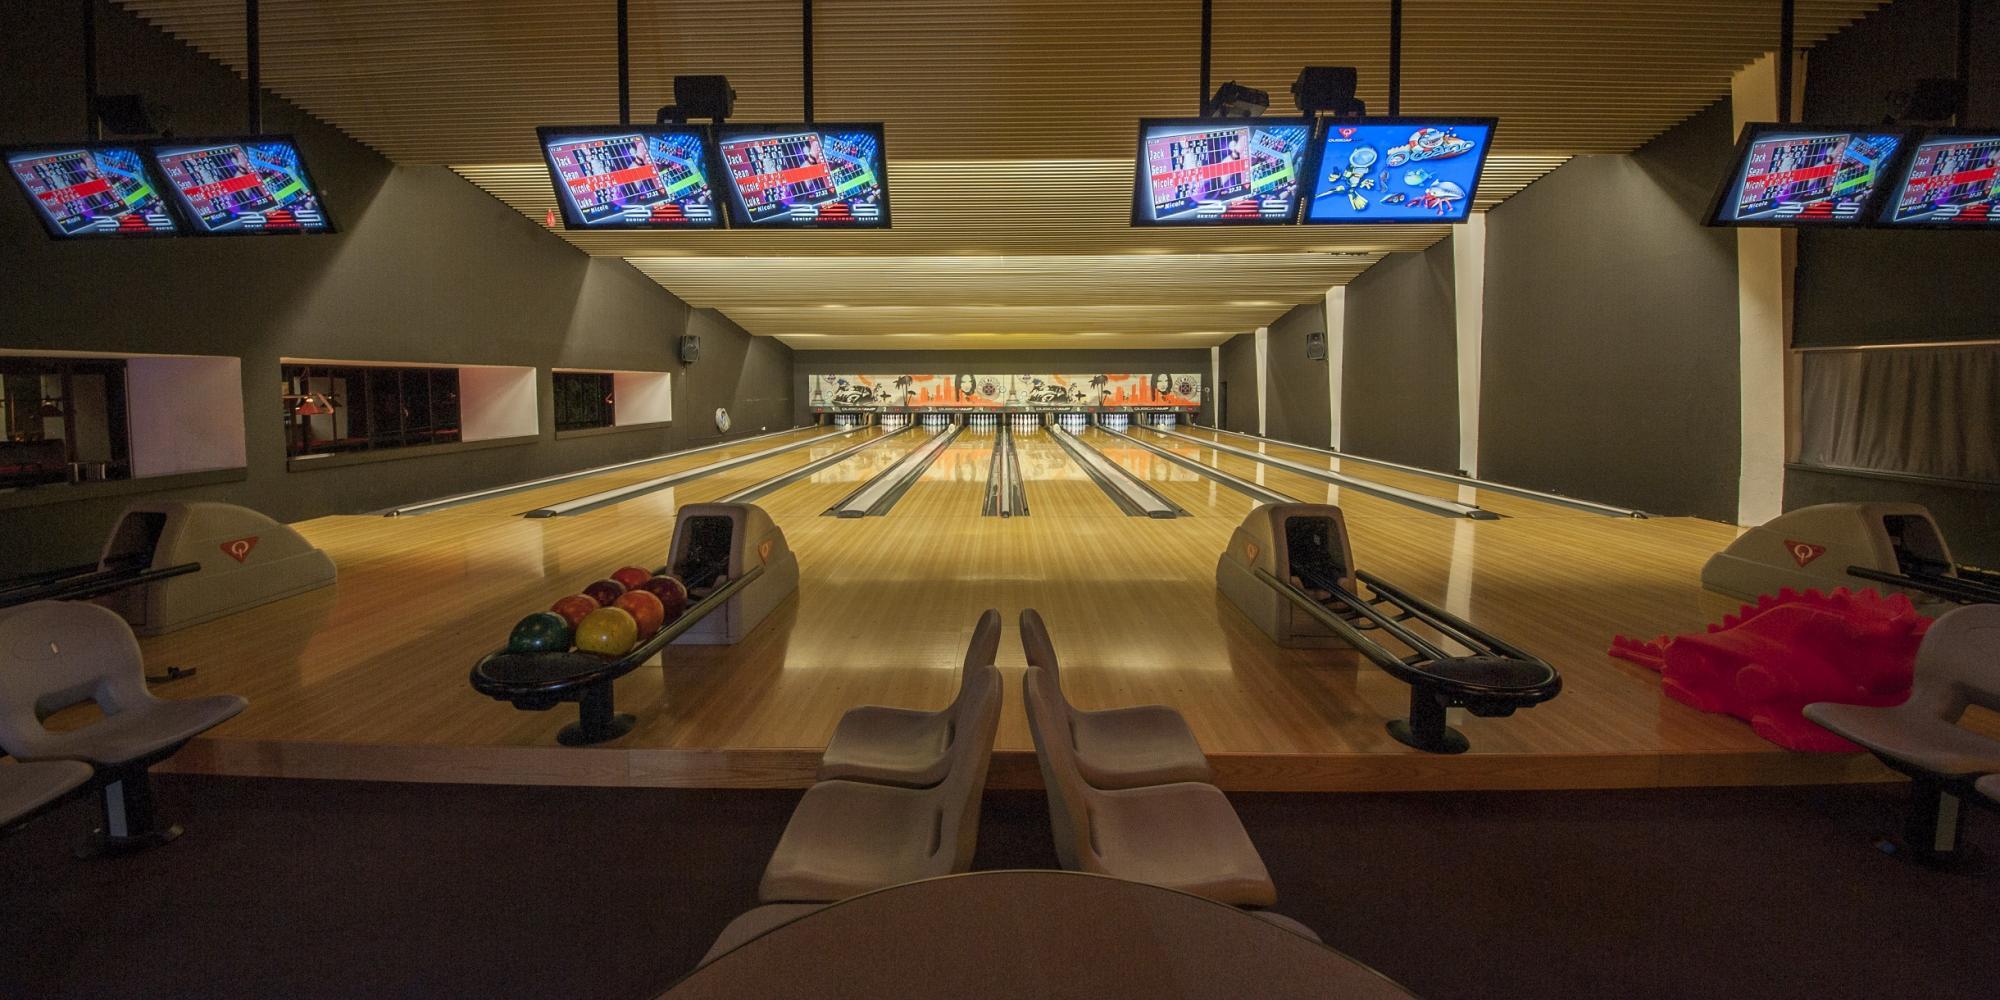 Comment Faire Pour Ouvrir Un Bowling bowling d'yverdon-les-bains - yverdon-les-bains region jura